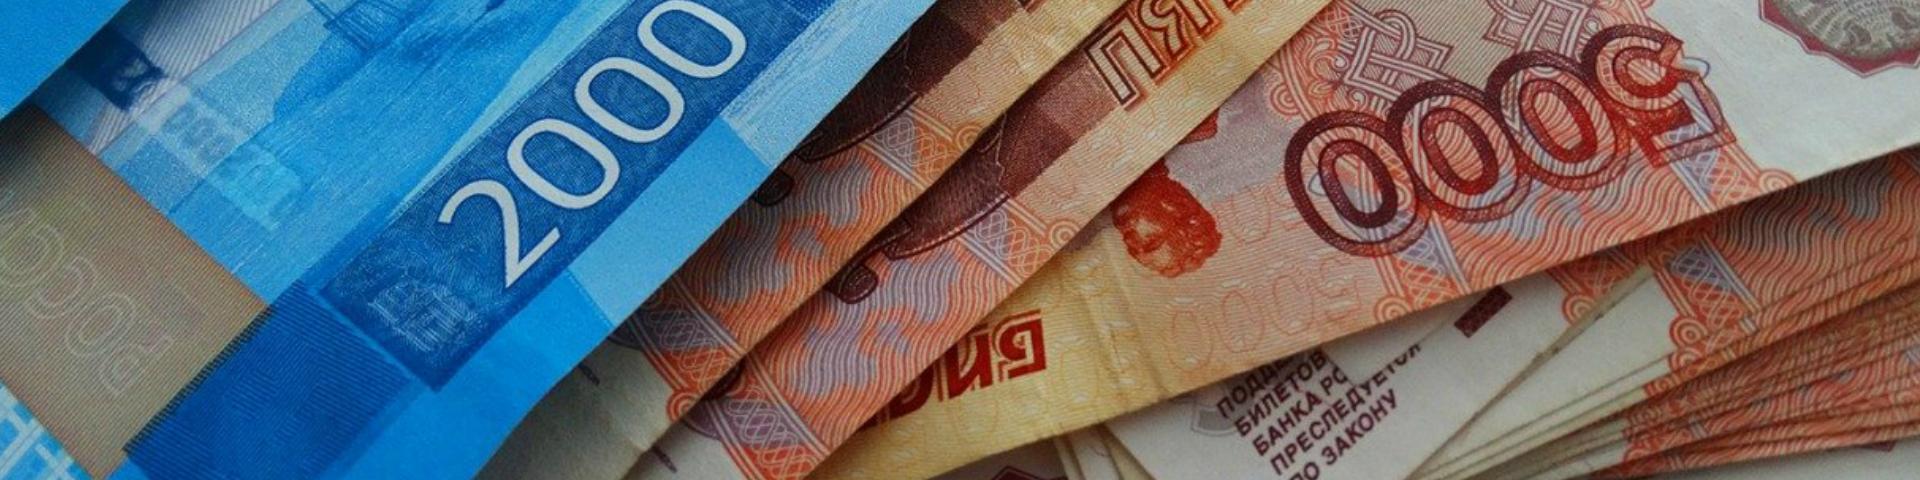 Беттор поставил 500 рублей, а выиграл 2 миллиона